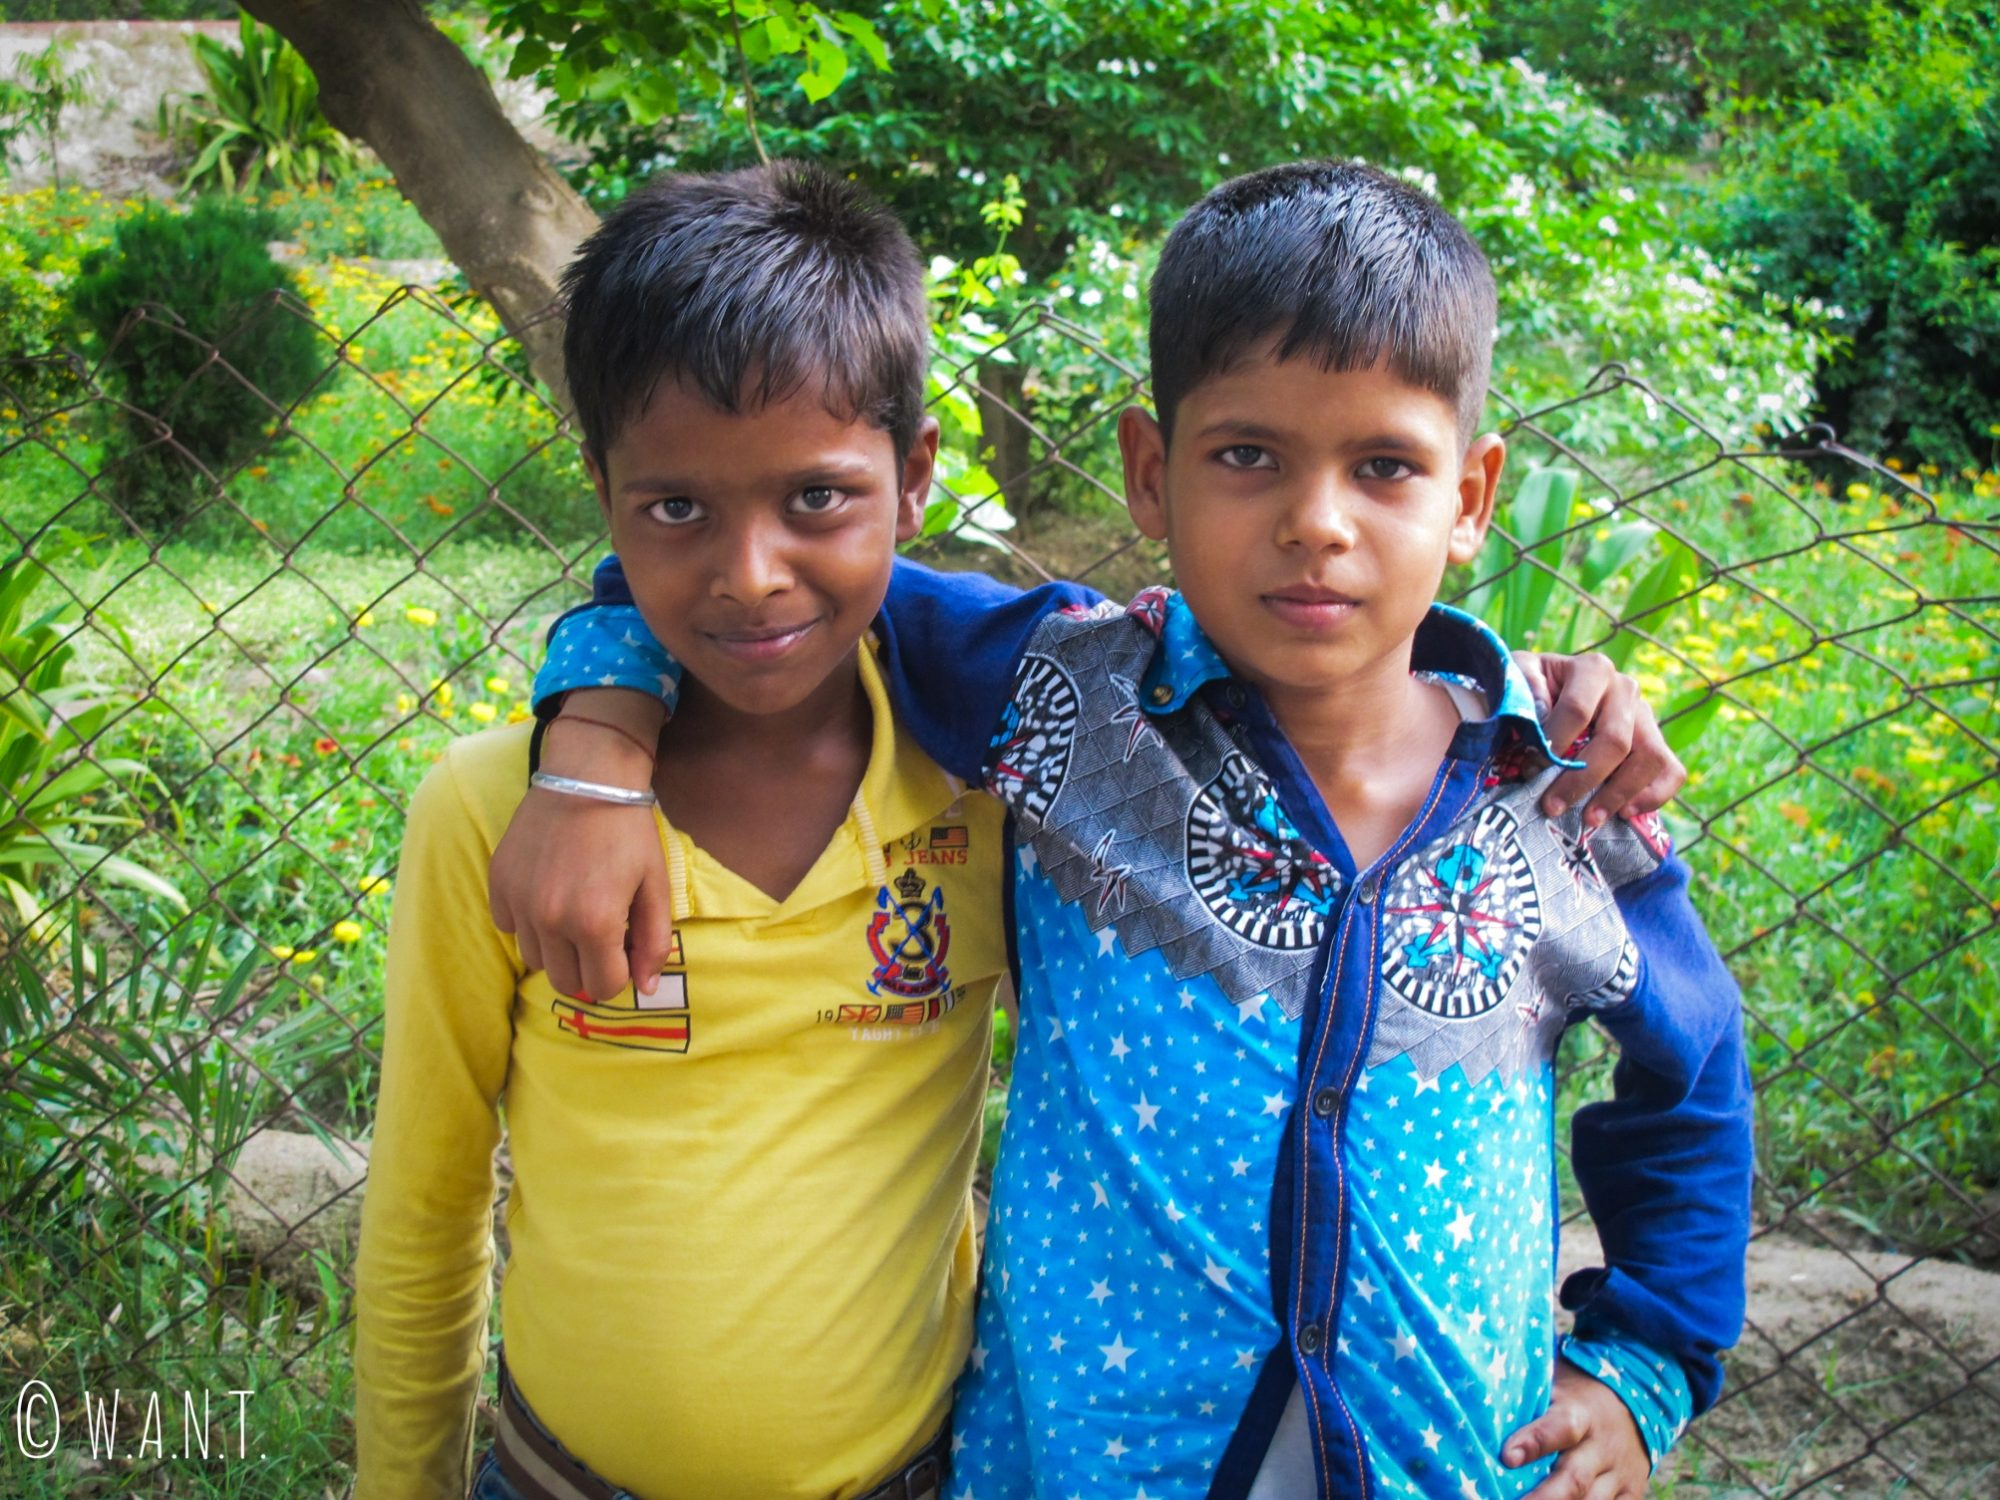 Deux jeunes garçons rencontrés dans le parc Shahjahan à Agra